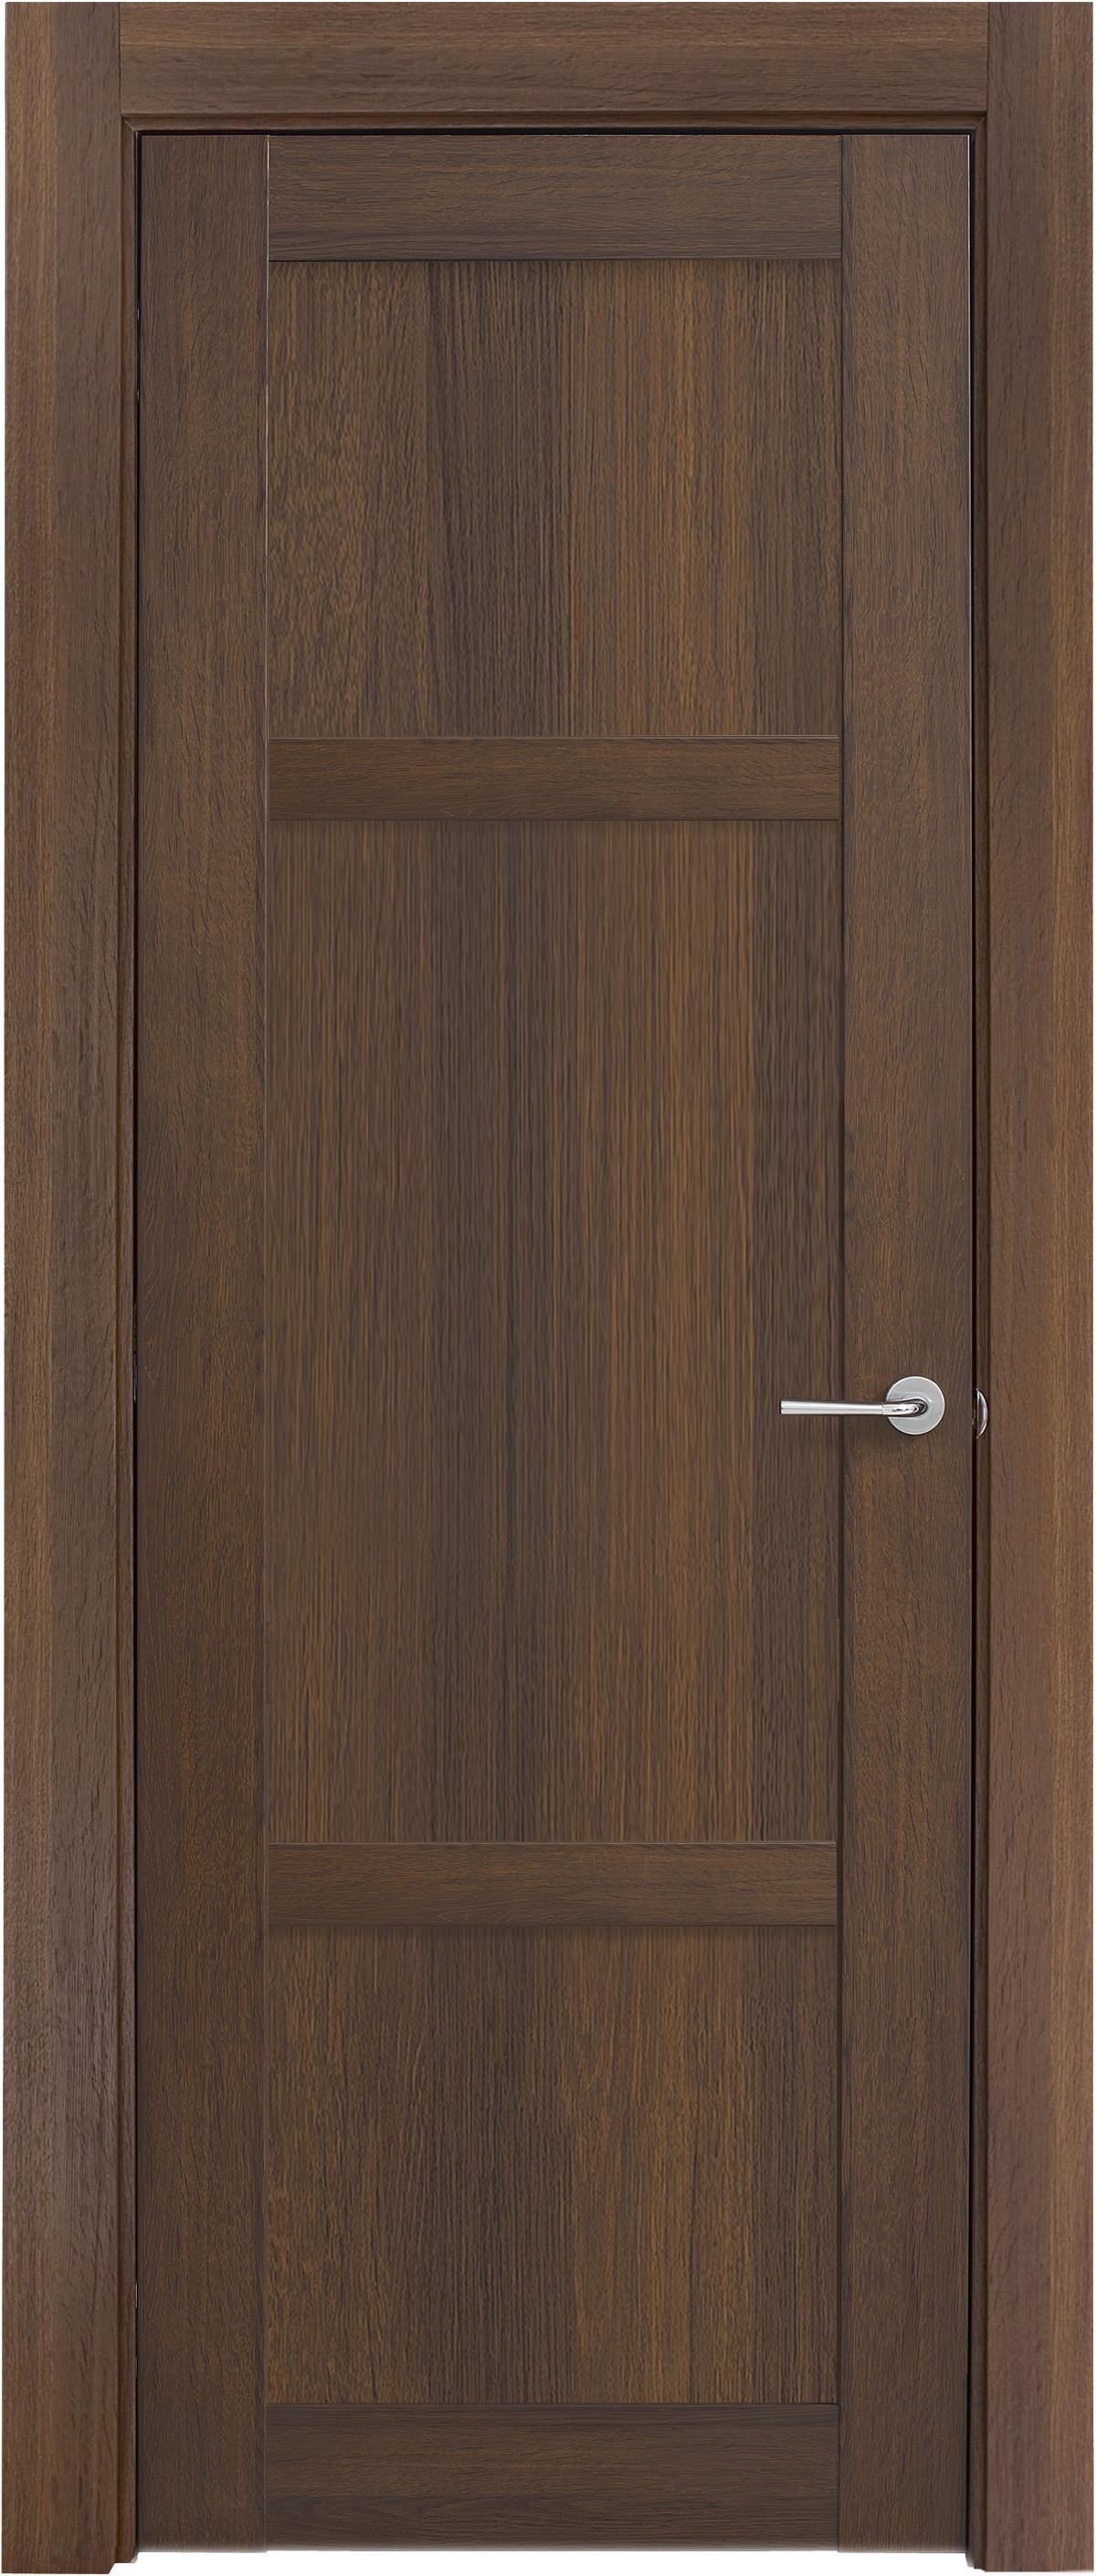 Межкомнатная / входная дверь, отделка: экошпон ГРЕЧЕСКИЙ ОРЕХ, Solo 3BnP-1